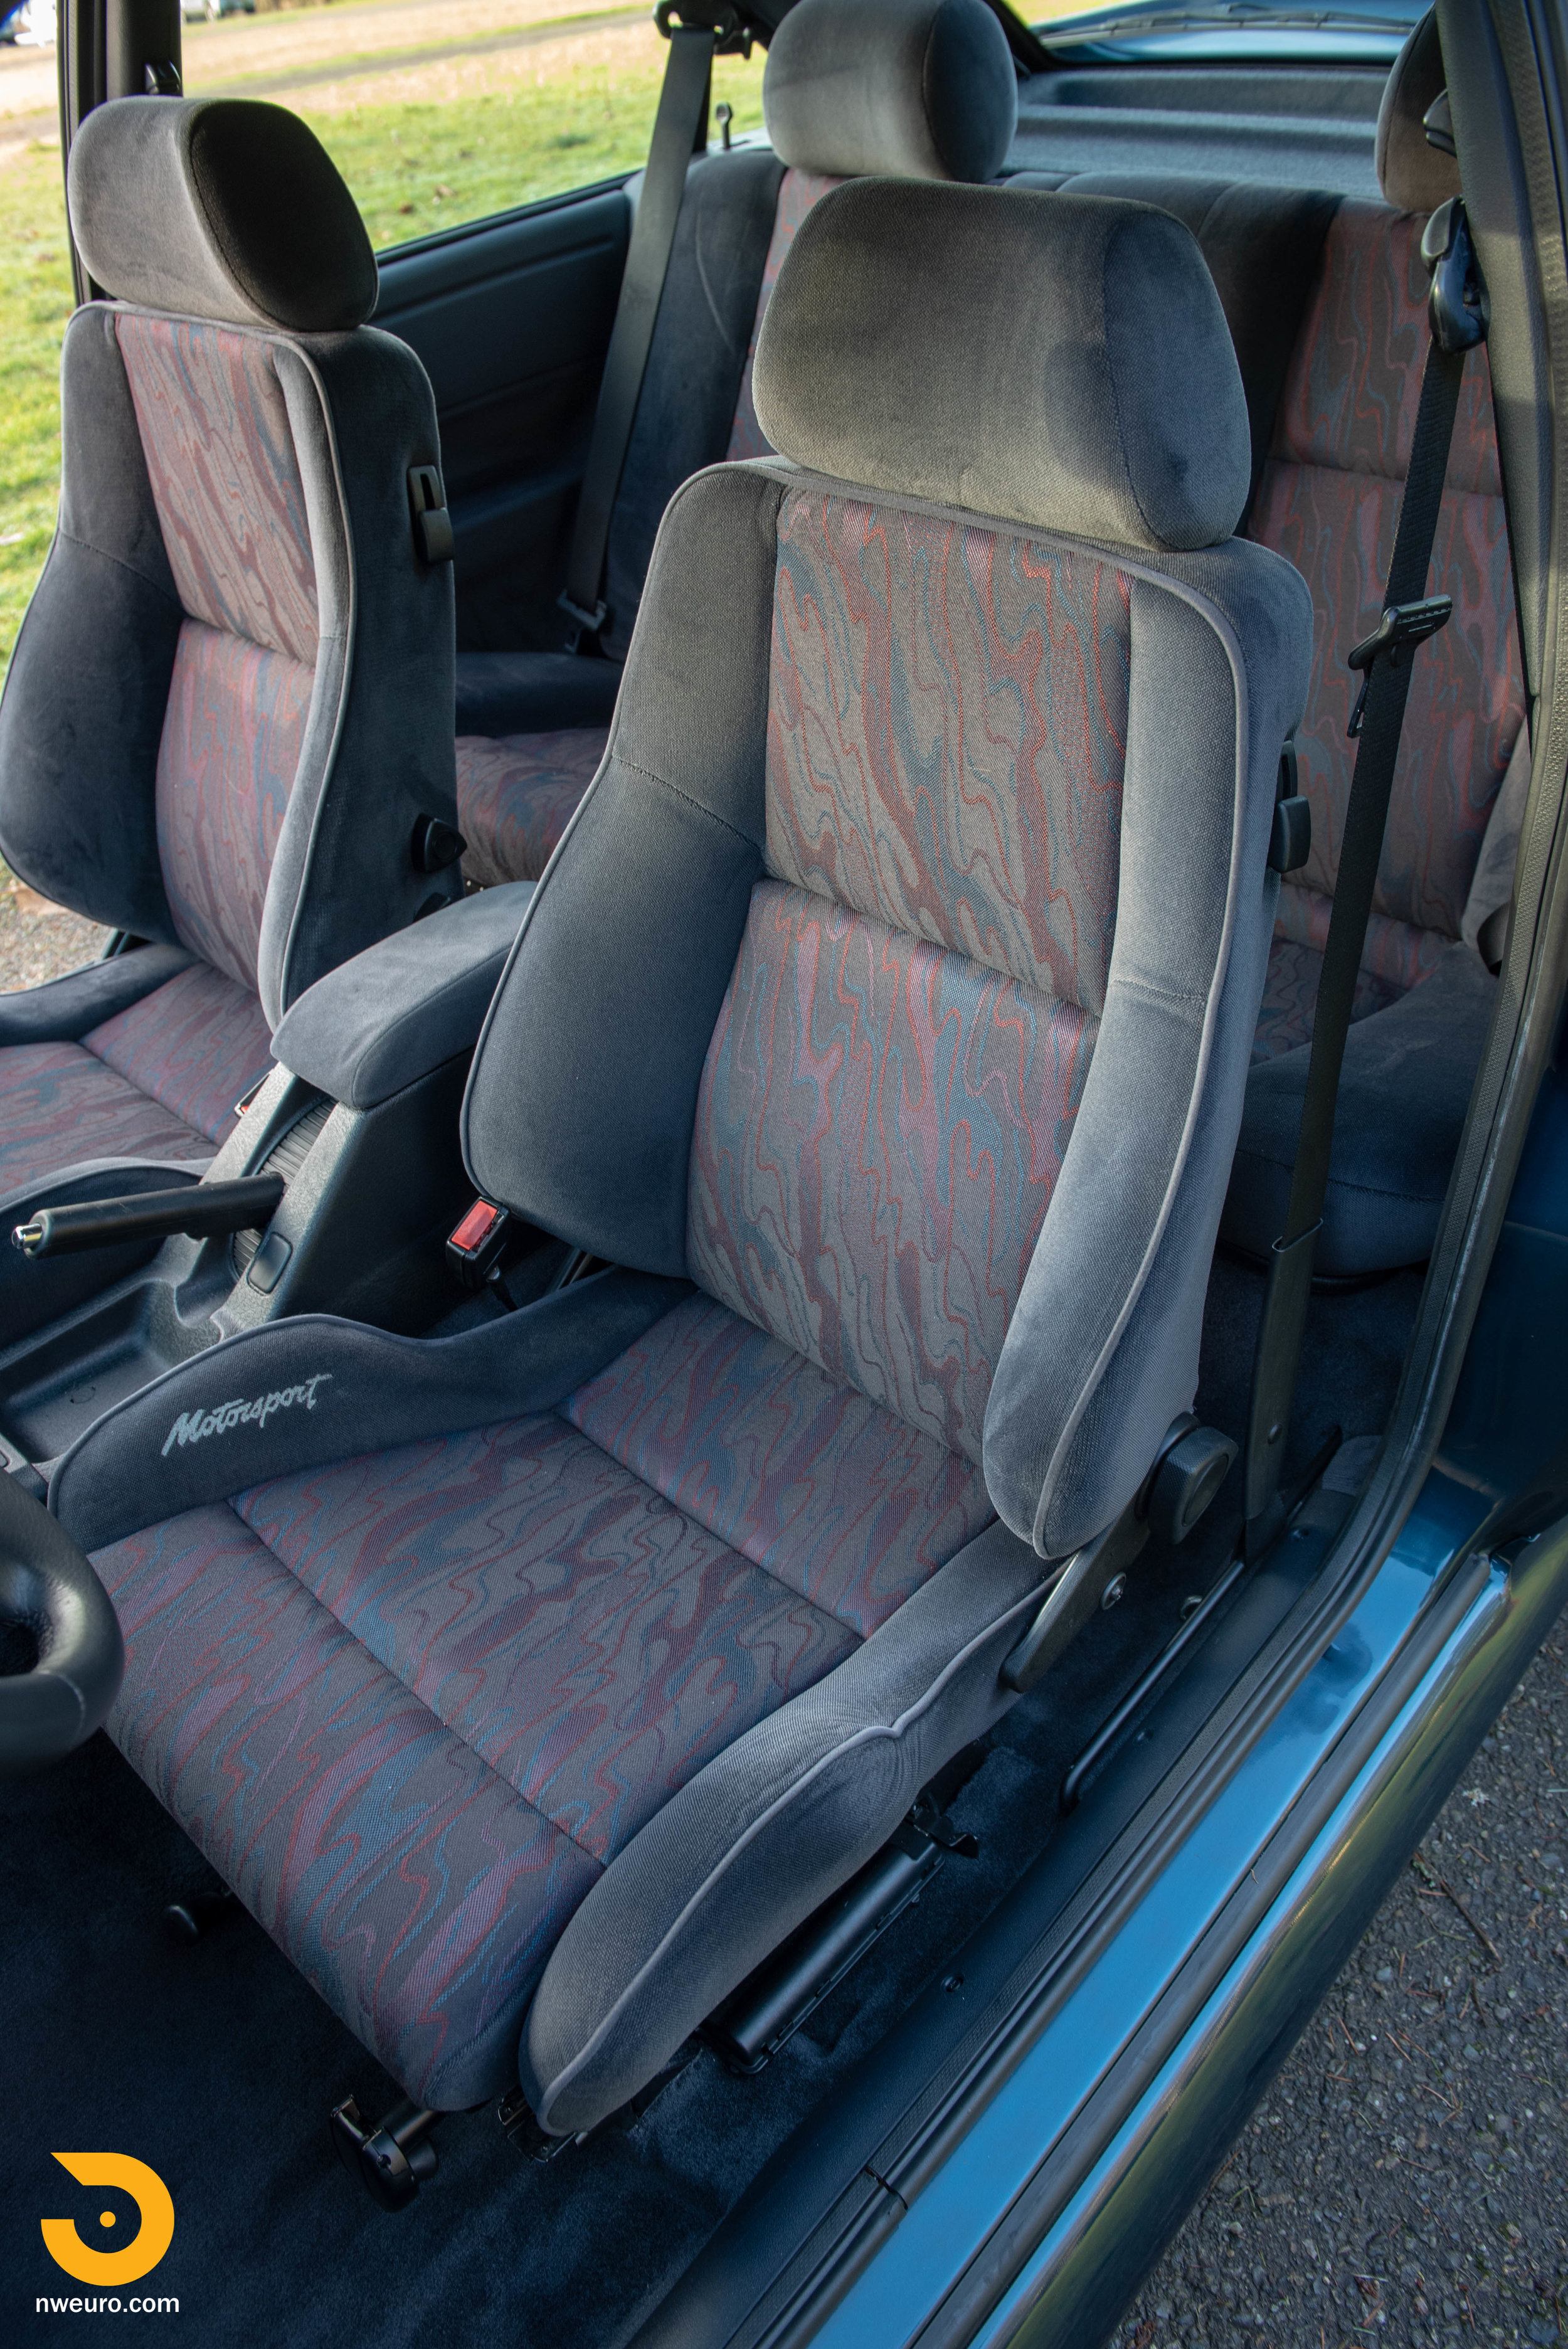 1995 Ford Escort Cosworth - Petrol Blue-10.jpg